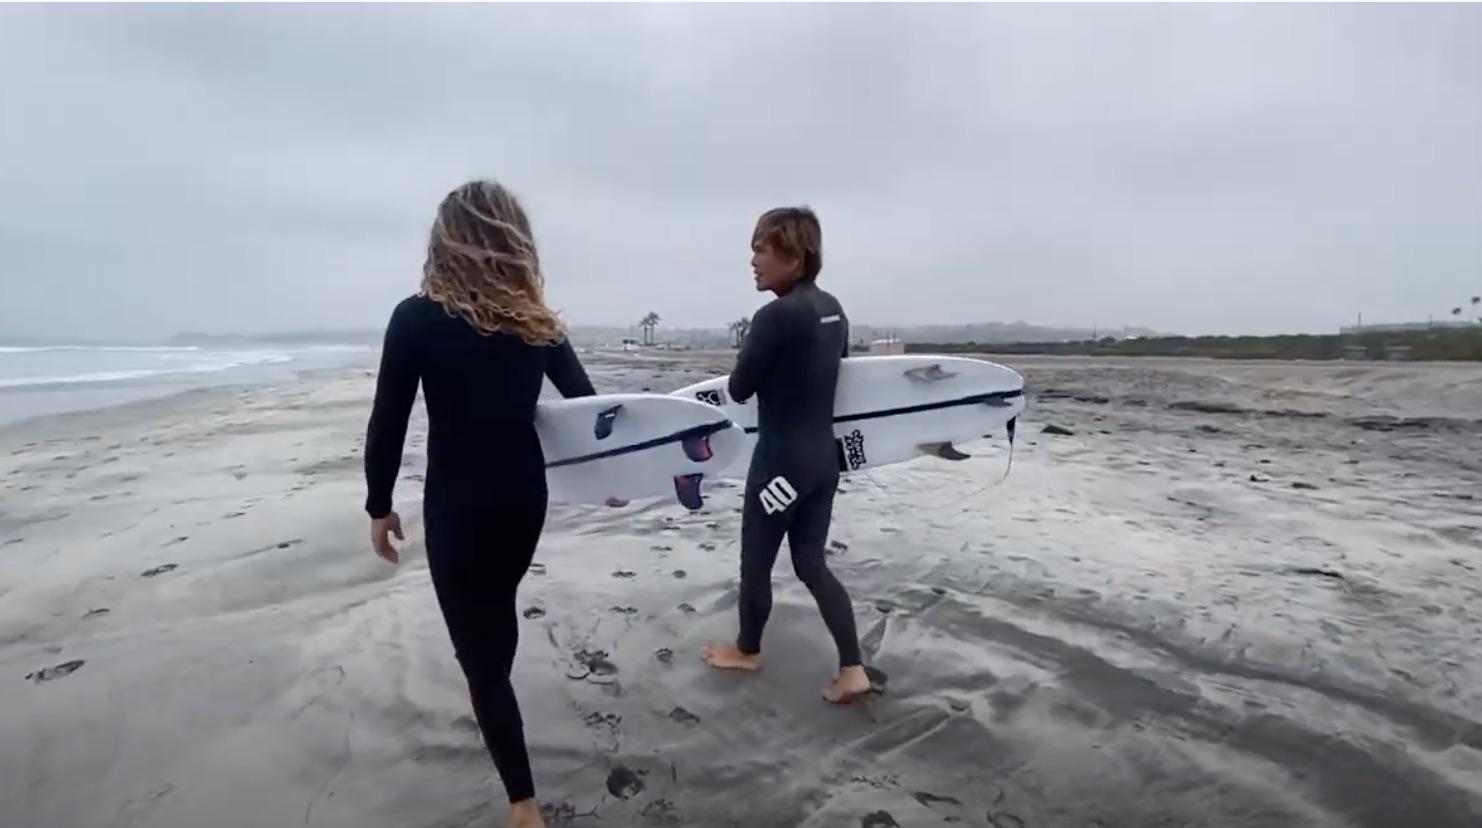 """【2020年注目の】Rob Machadoと進藤晃がカリフォルニアの小波で繰り広げたFIREWIRE surfboardsのRob Machadoシェイプ""""SEAWOLF""""セッション"""